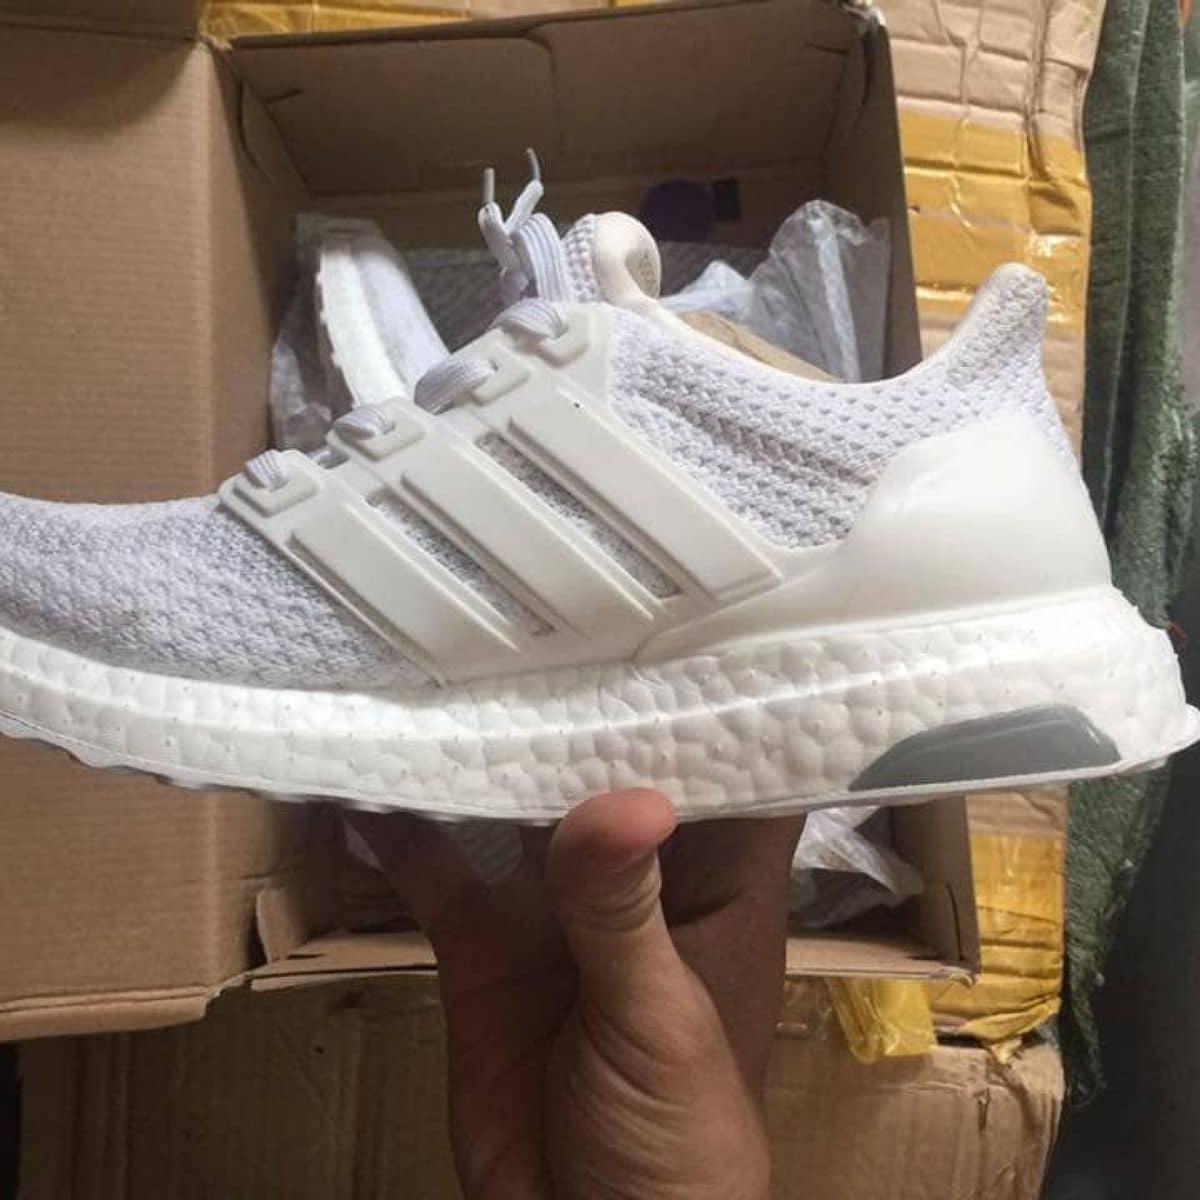 8a945a57b  Rep 1 1  Adidas Ultra Boost 2.0 Triple White tại Chuyên Giày Thể Thao Nam  Nữ của Giày Thể Thao Nam Nữ - Lozi